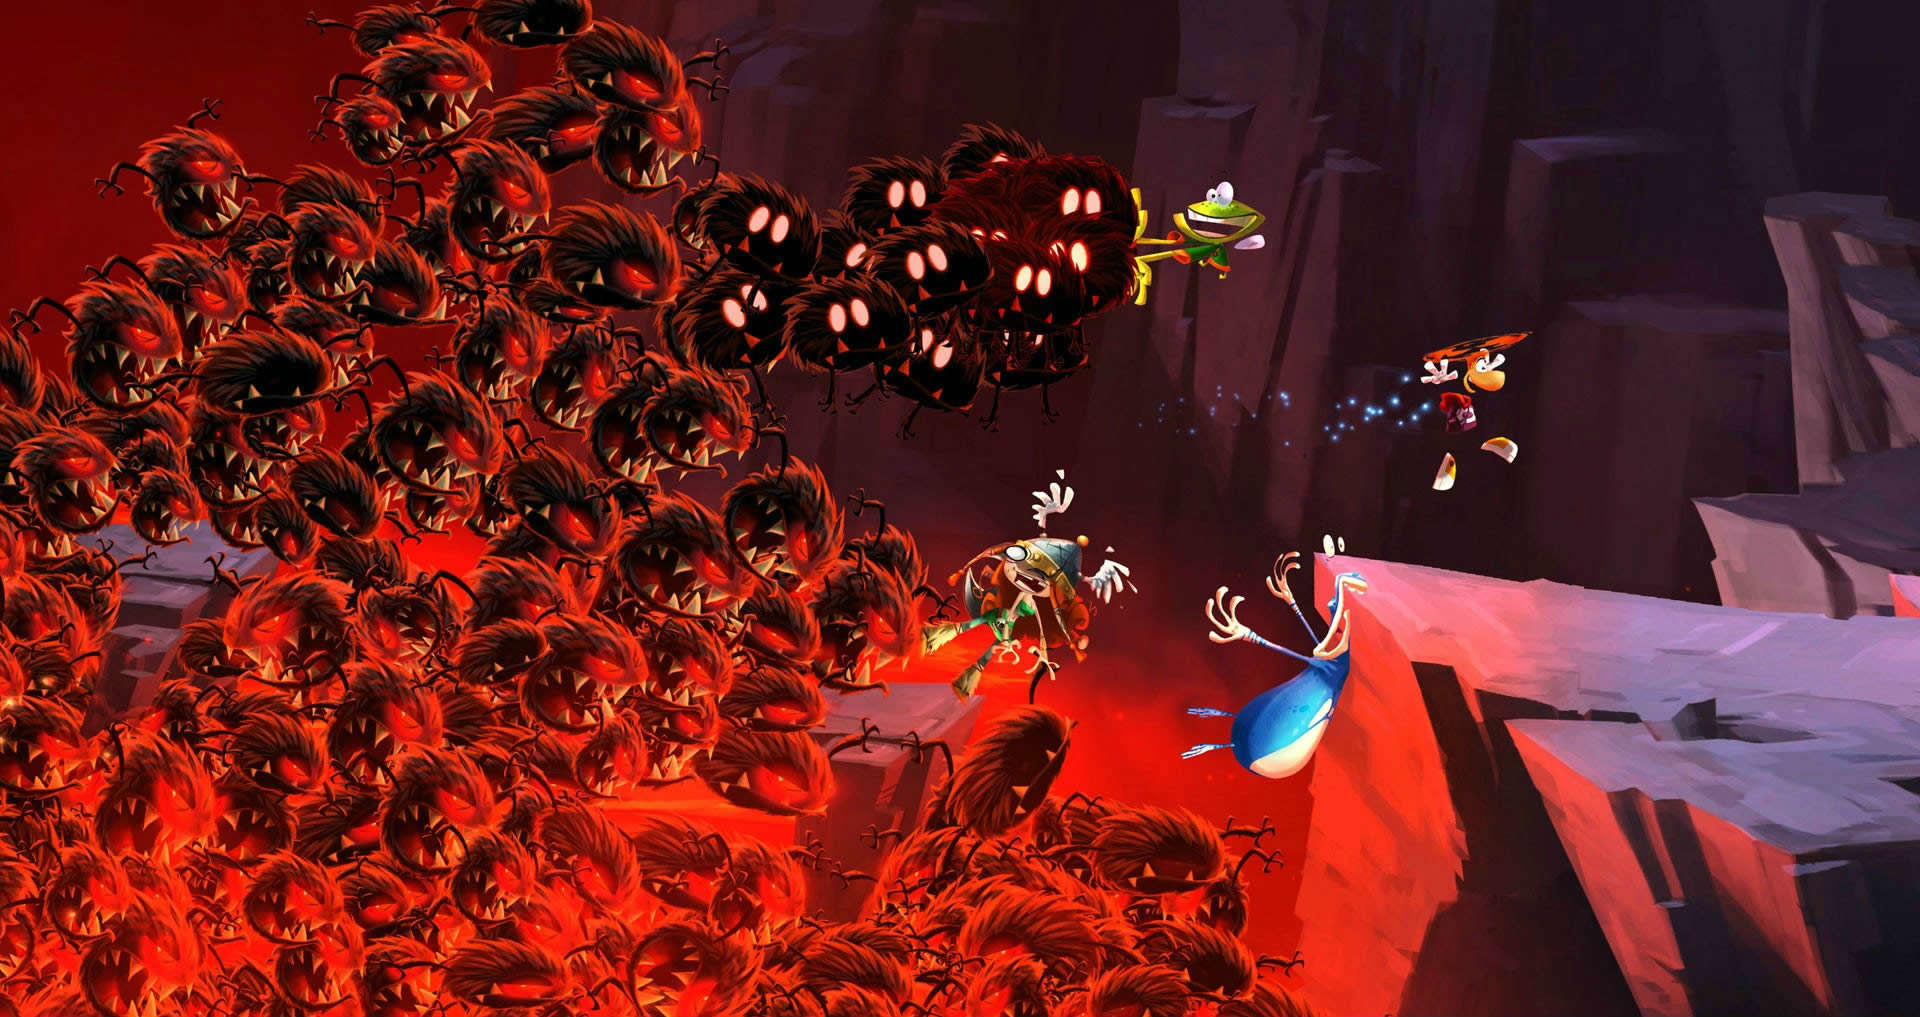 Los mejores juegos de plataformas